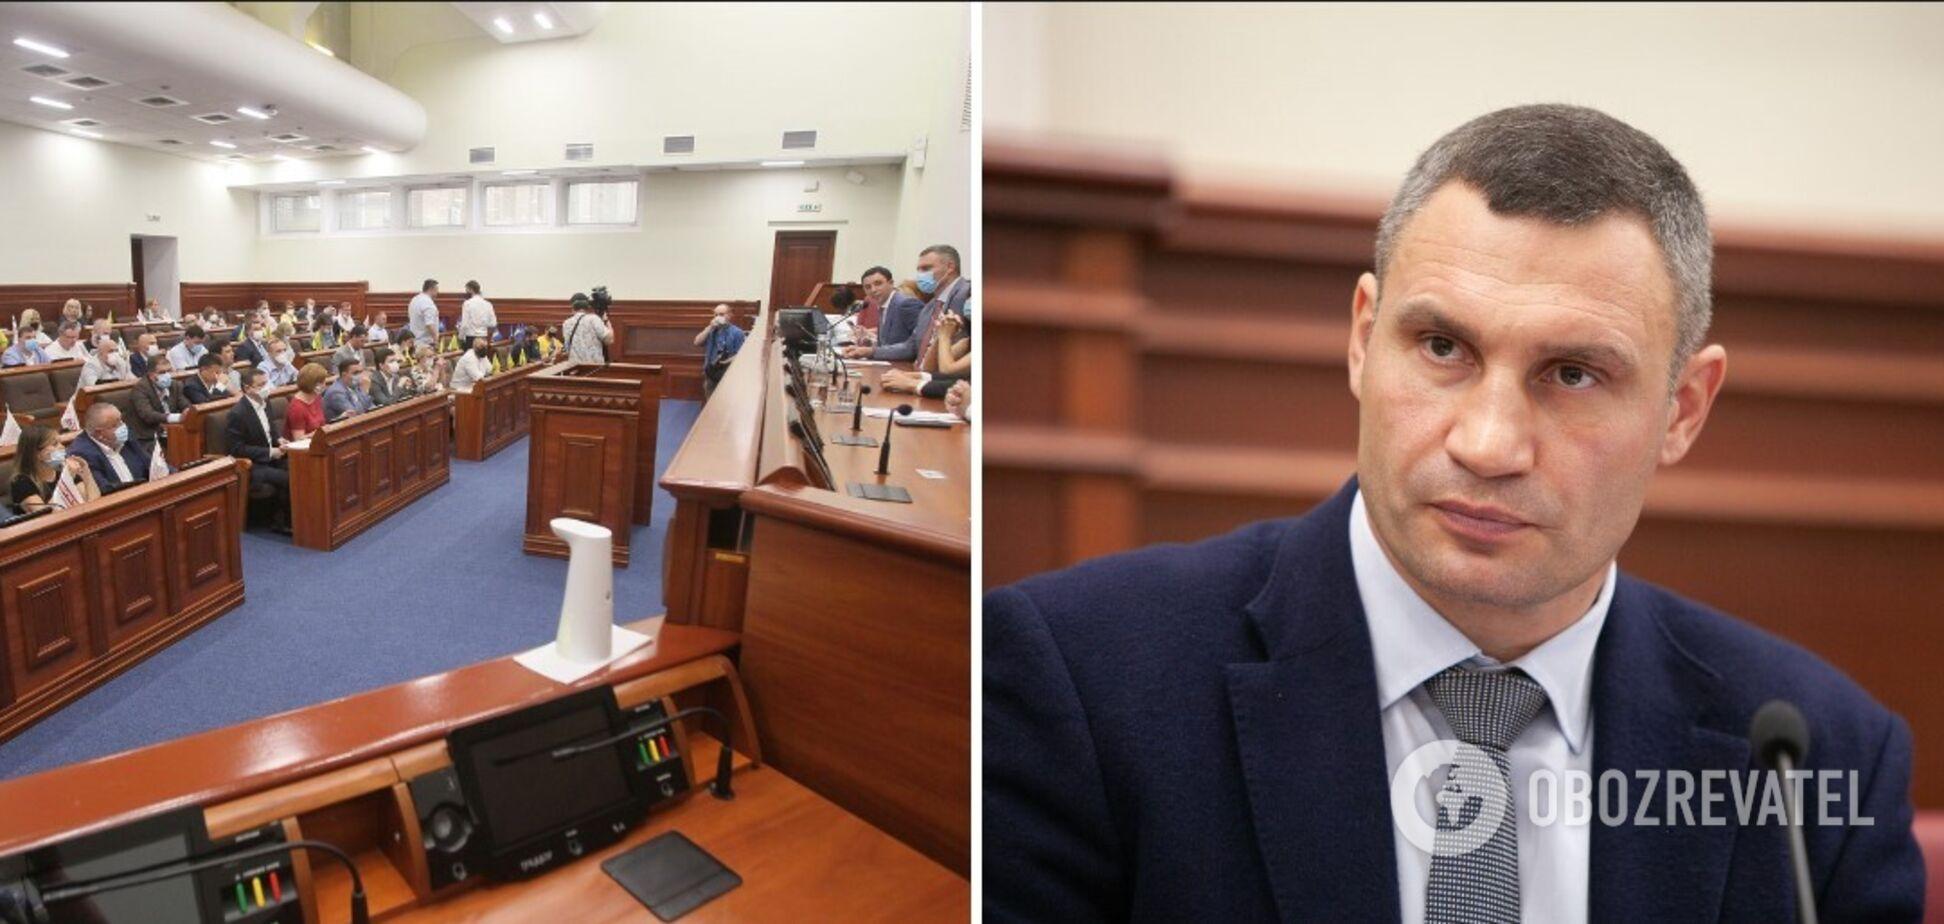 Кличко заявил, что бюджет столицы недополучает 13,8 грн